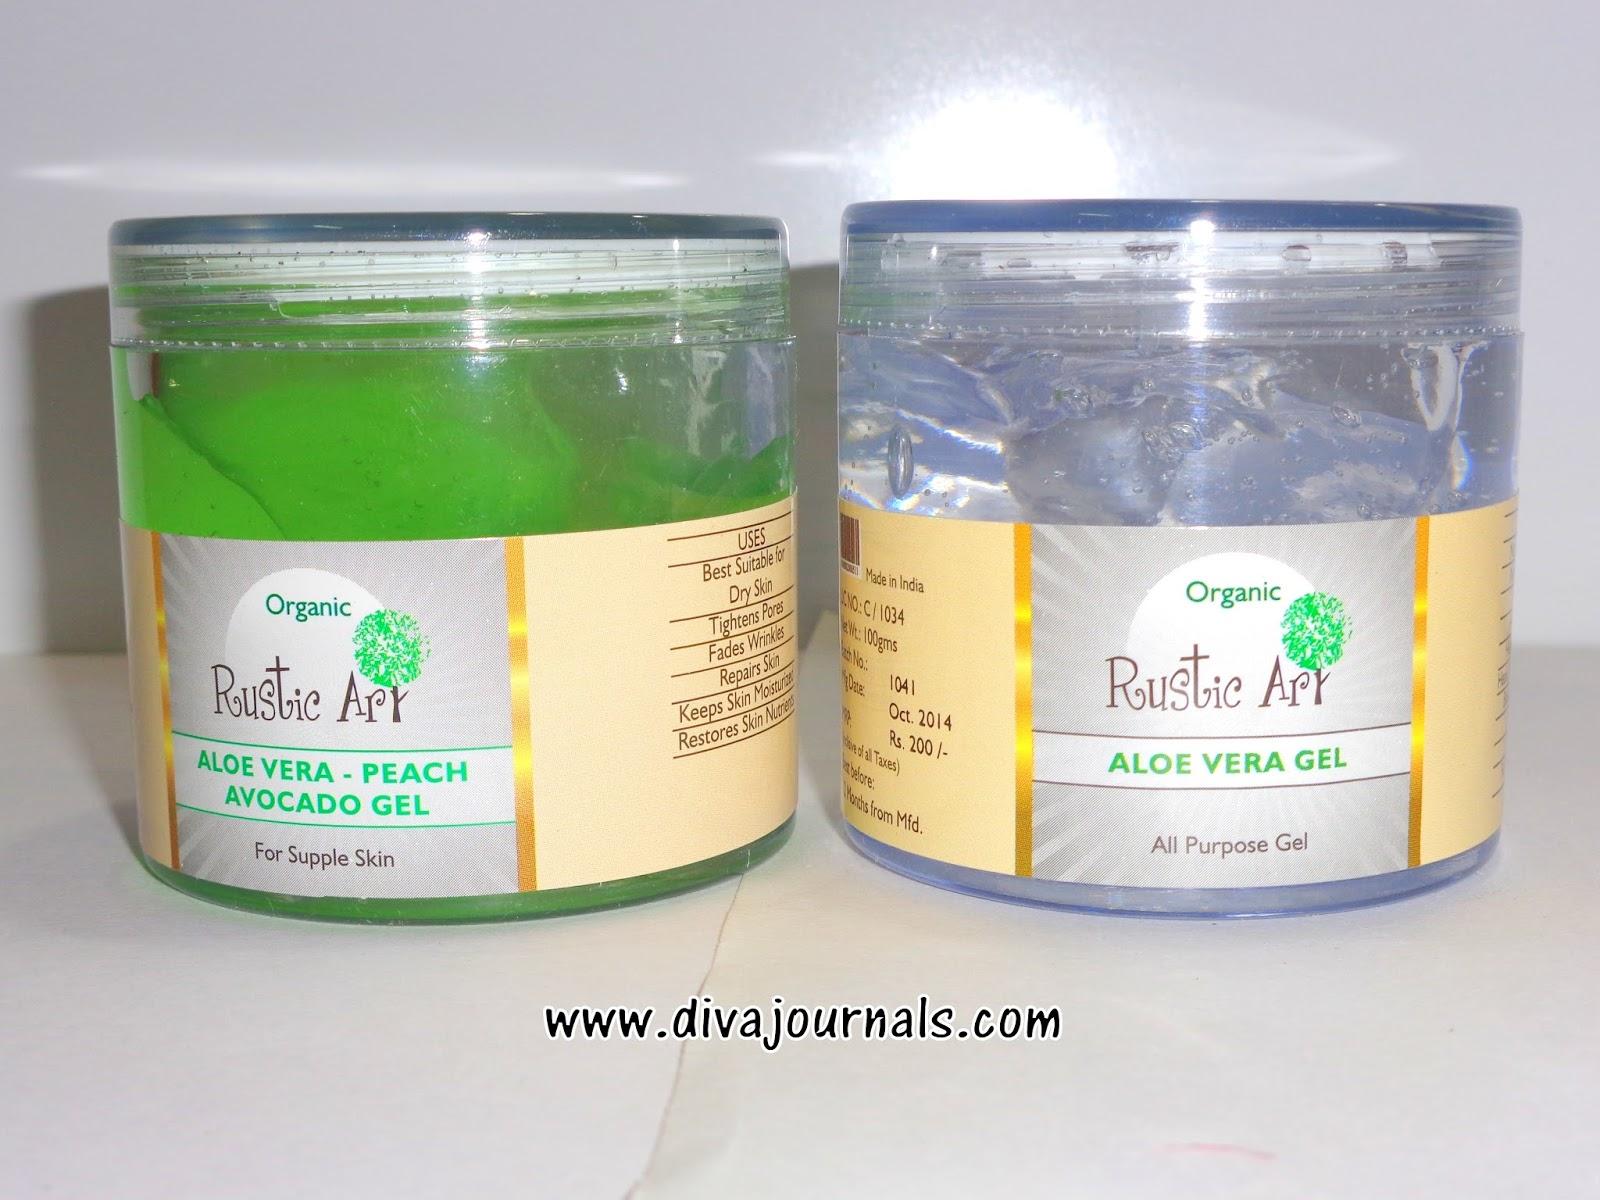 Rustic Art Aloe vera gel & Aloe vera-Peach-Avocado gel